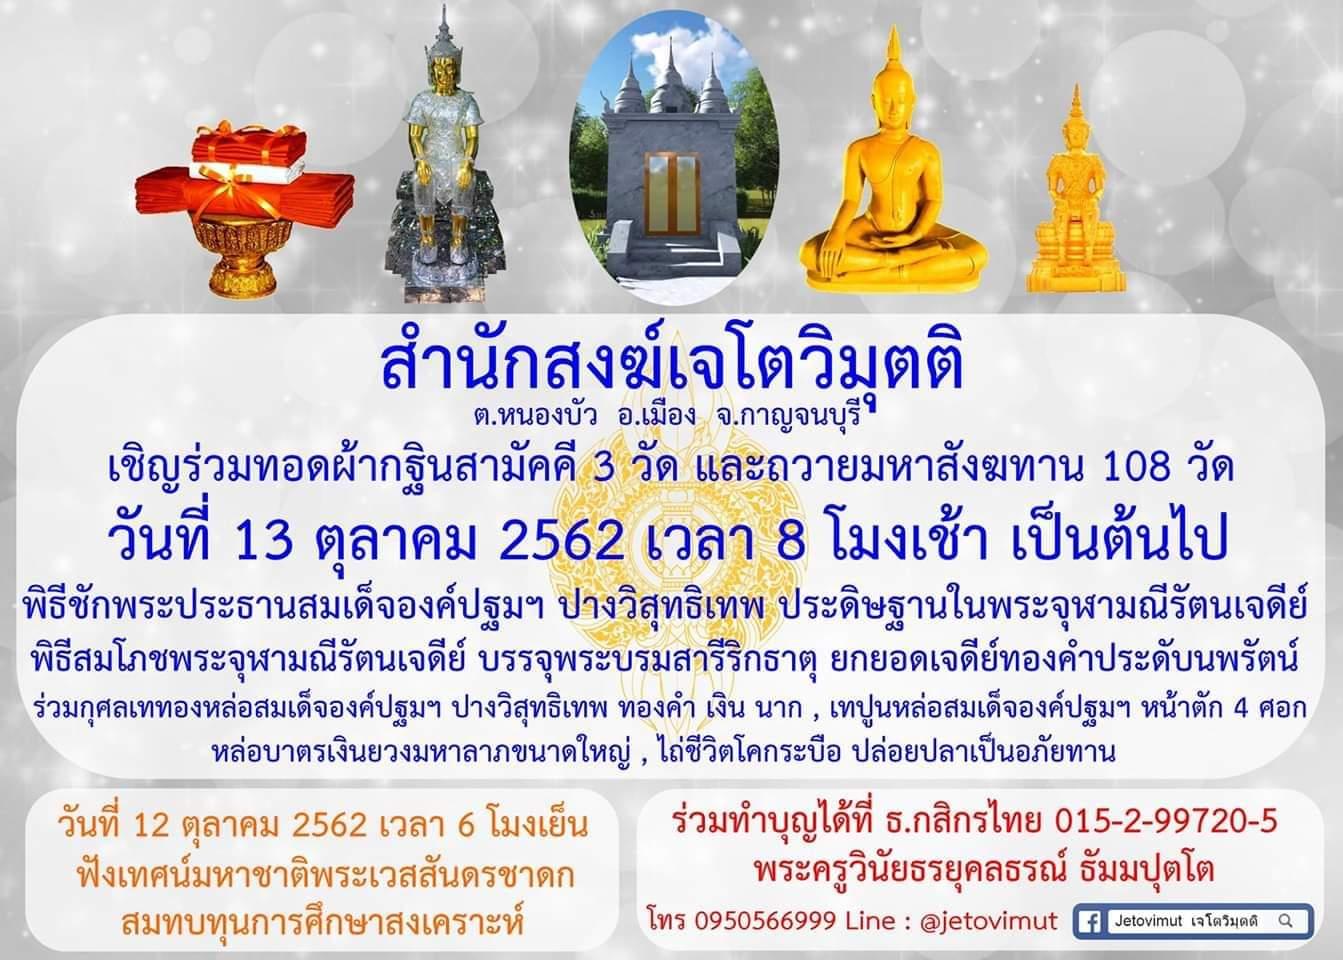 FB_IMG_1568211316046.jpg